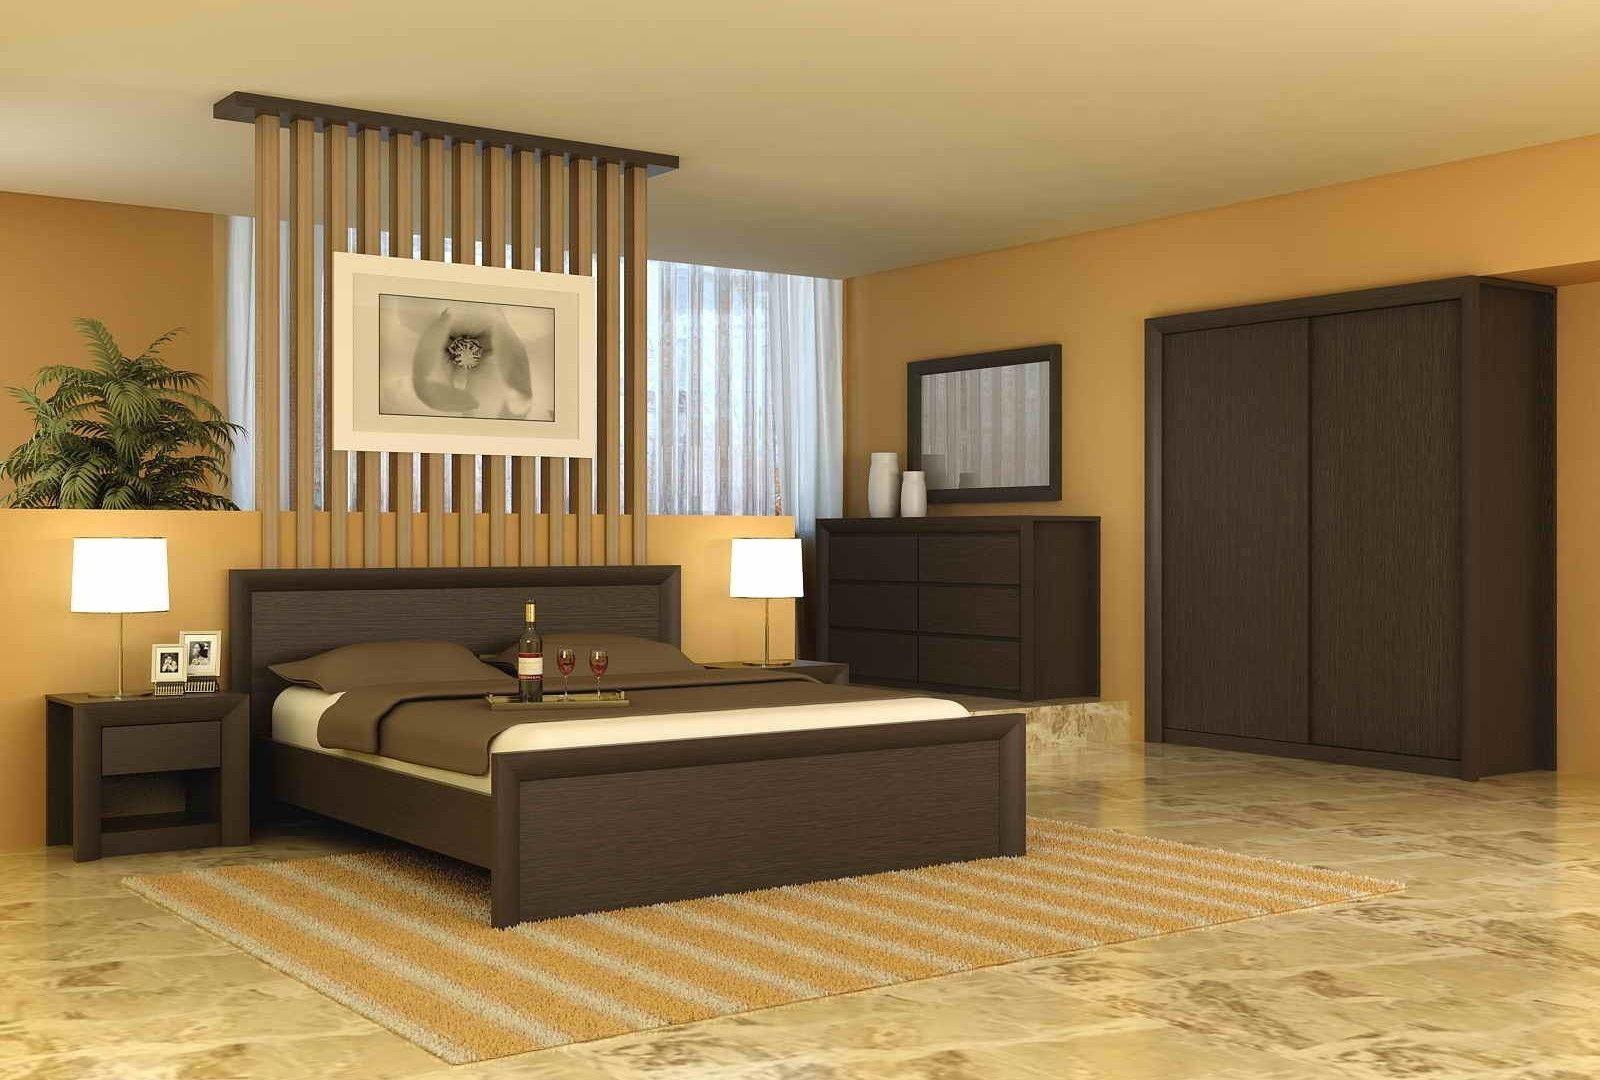 Pin Di Simple Bedroom Furniture Designs